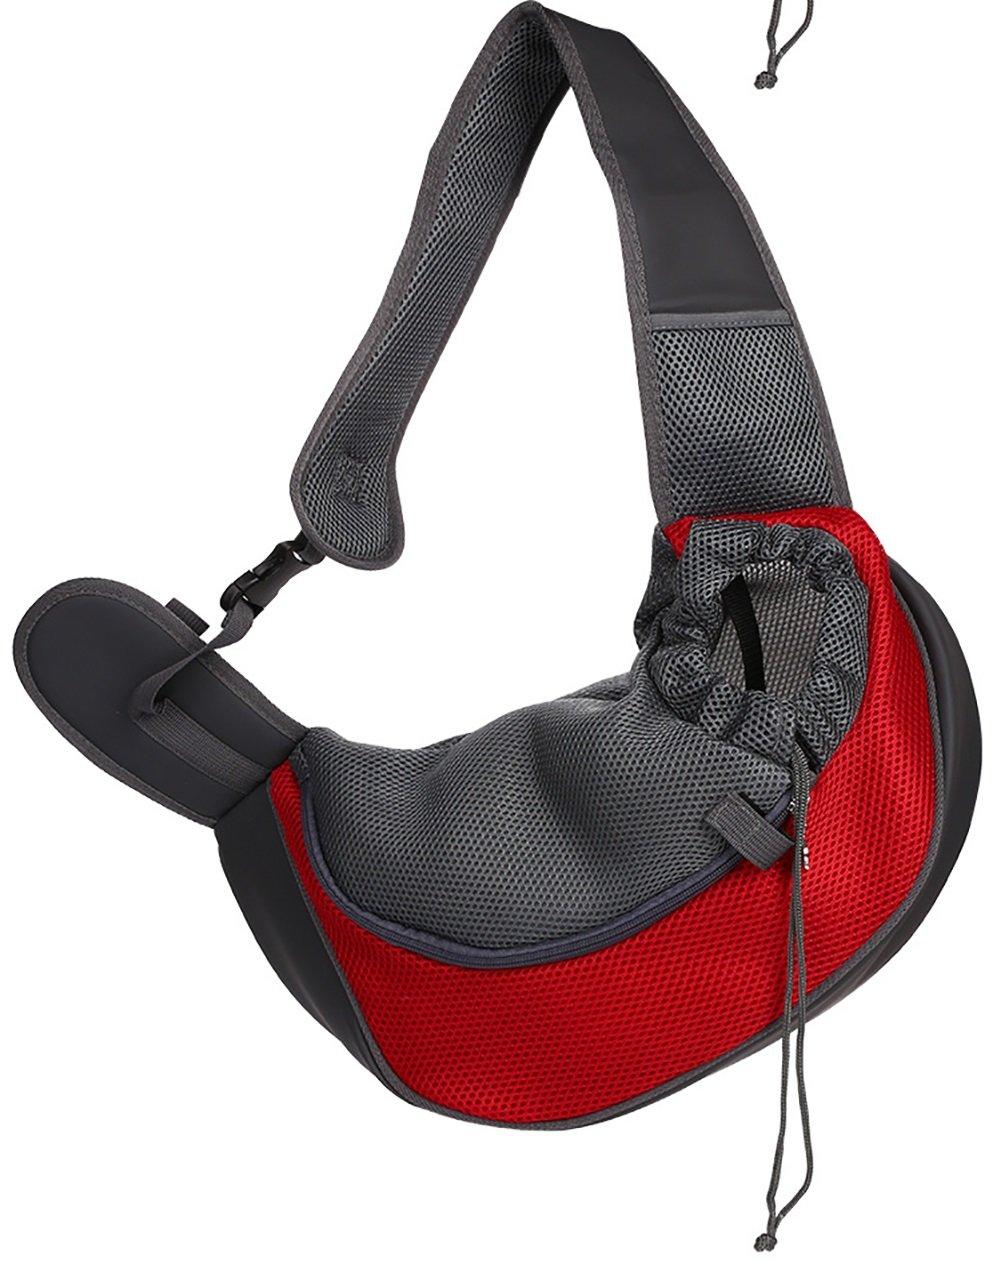 LongYu Pet Handbag,Travel Carrier Portable Backpack Messenger Shoulder Bag Kennel Mesh Ventilation Outdoor Puppy Cat Dog Bag 2 color & 2 Size (color   Red, Size   S)